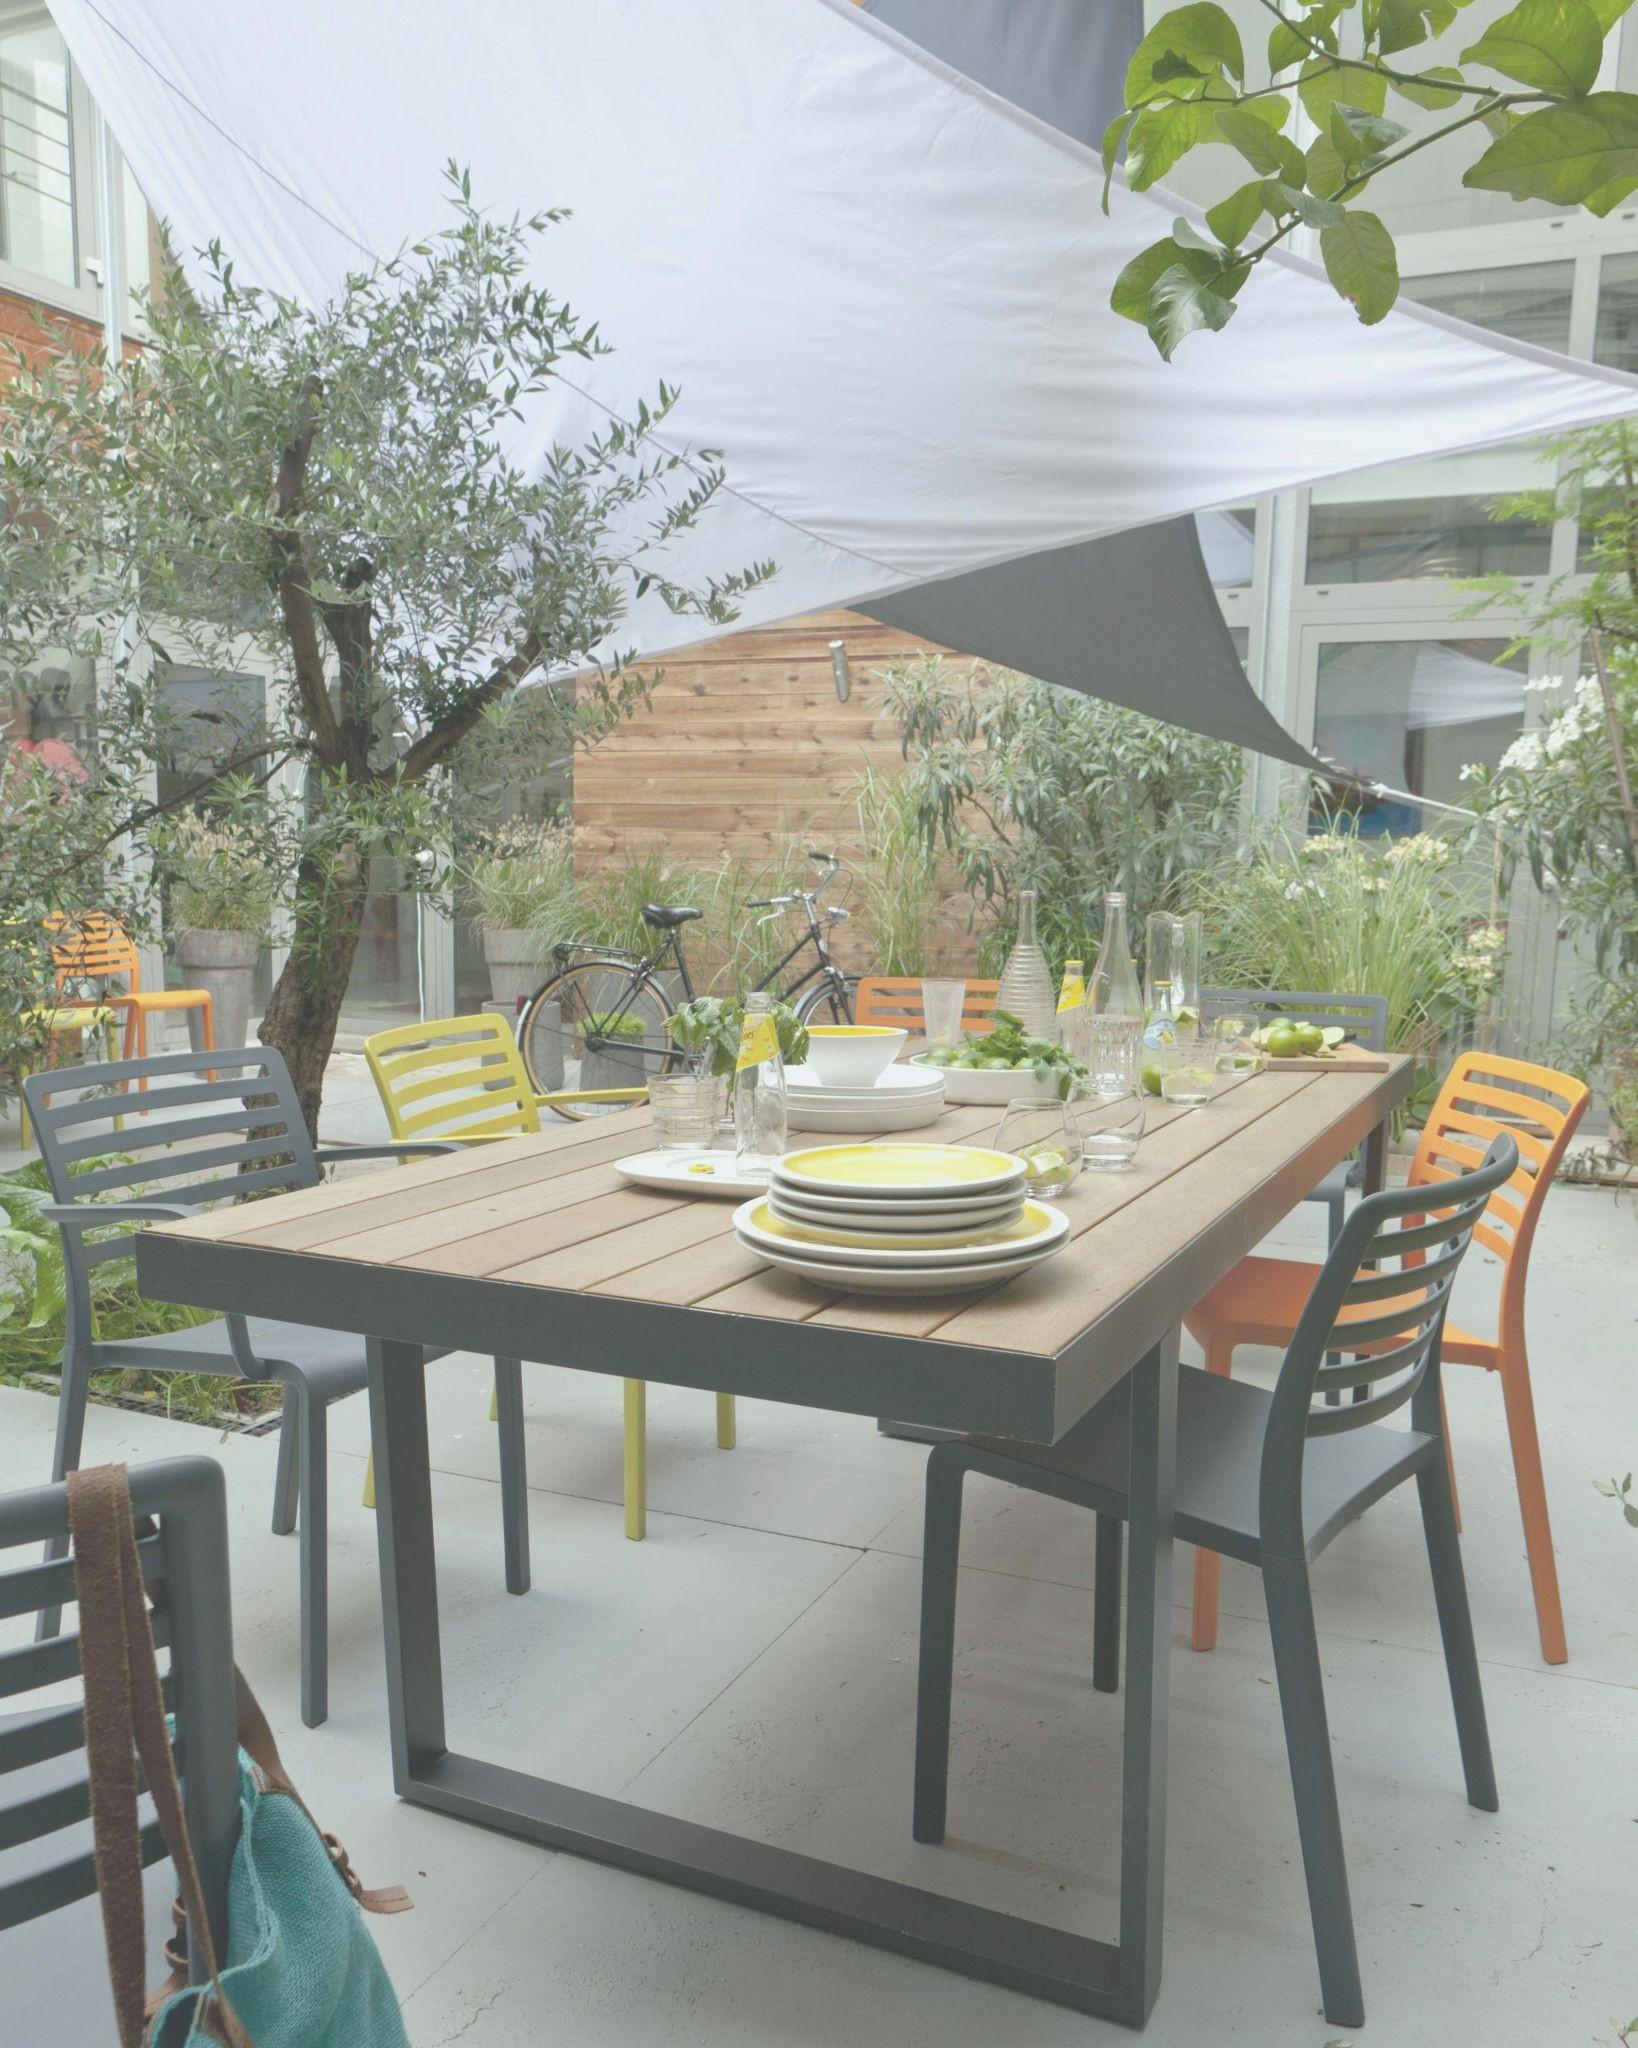 housse chaise de jardin leroy merlin housse table de jardin ainsi que salon jardin leroy merlin beau of housse chaise de jardin leroy merlin